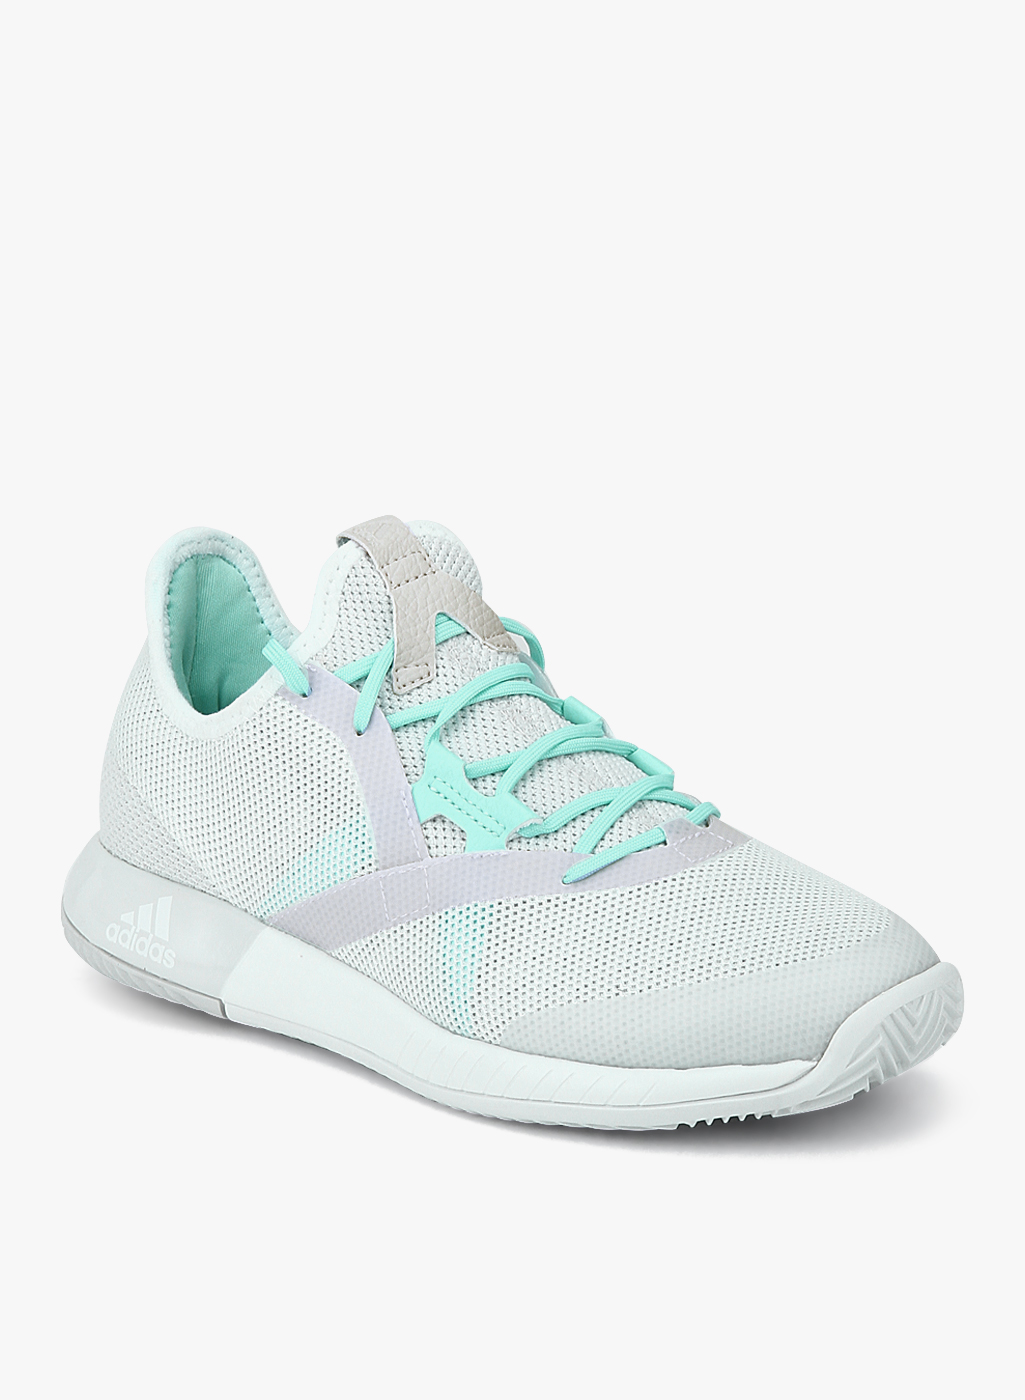 adidas scarpe scherma